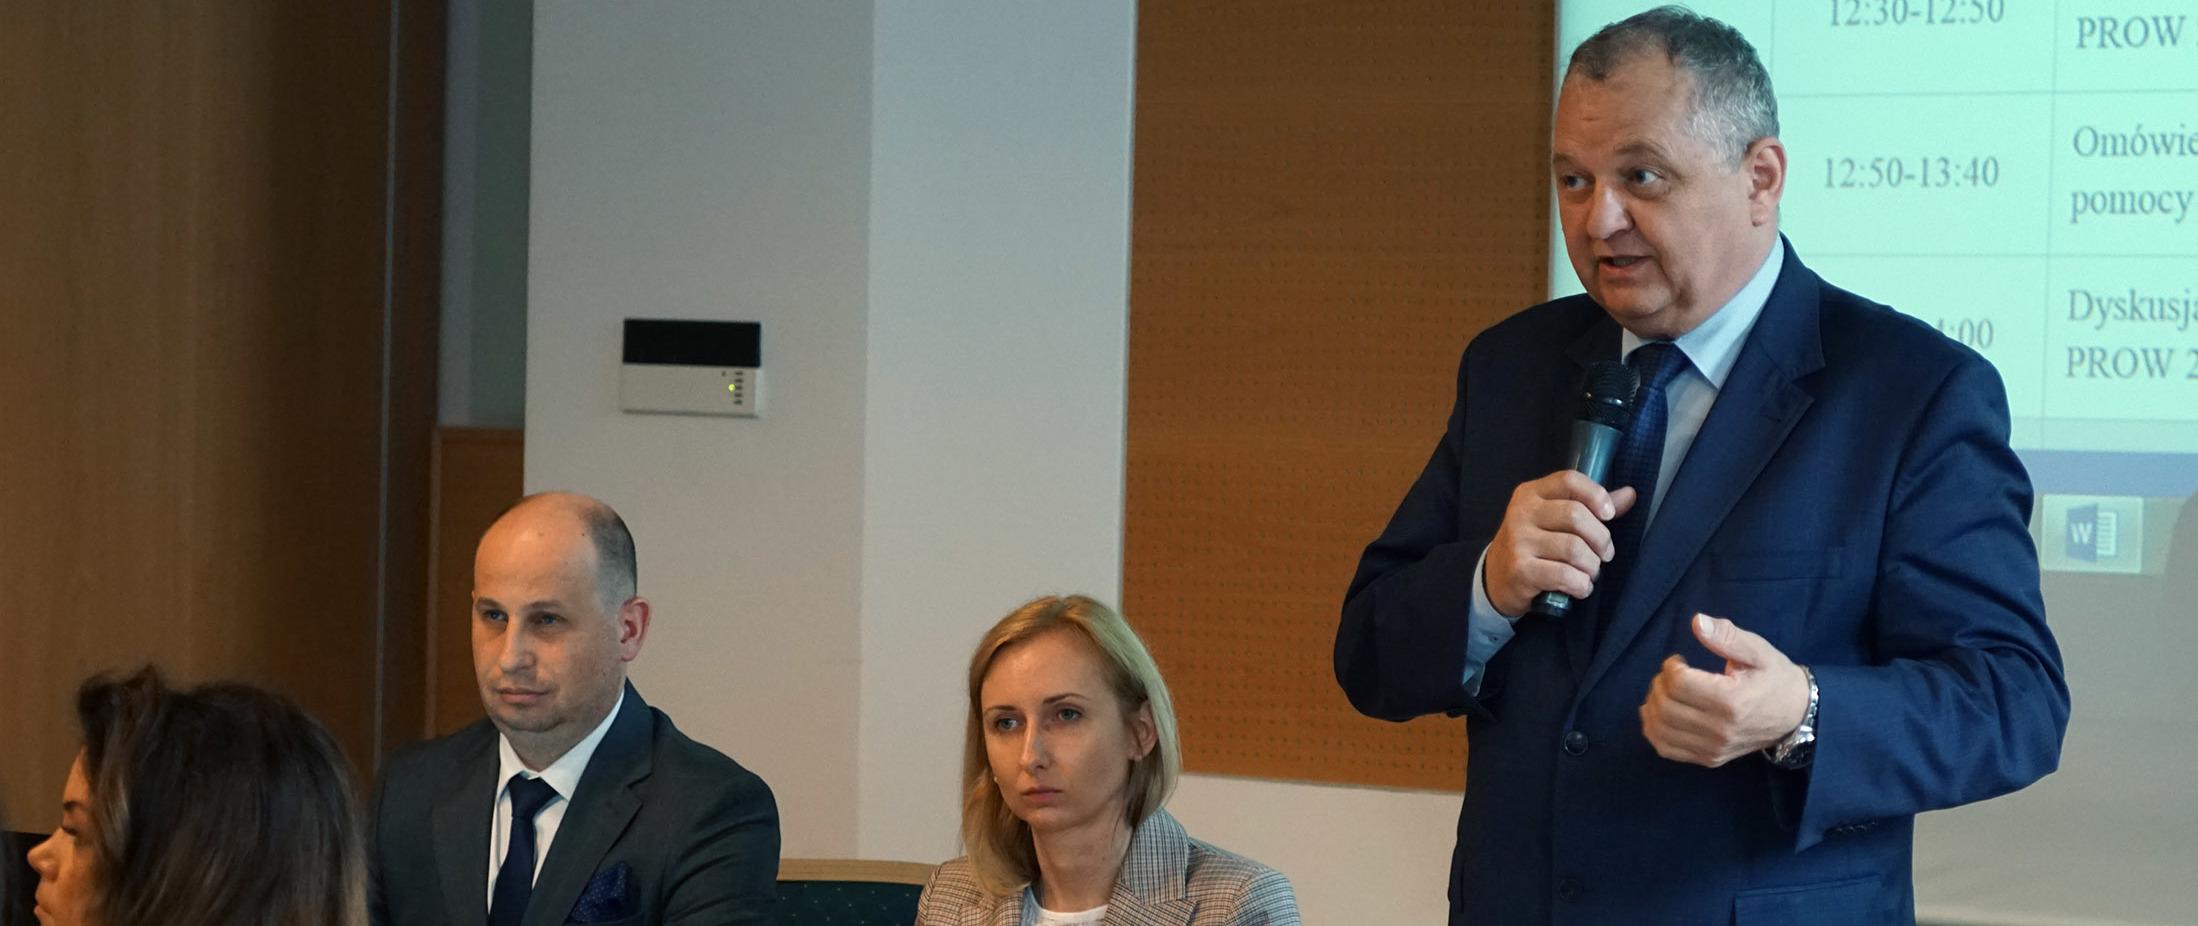 Spotkanie z beneficjentami pomocy technicznej PROW 2014-2020